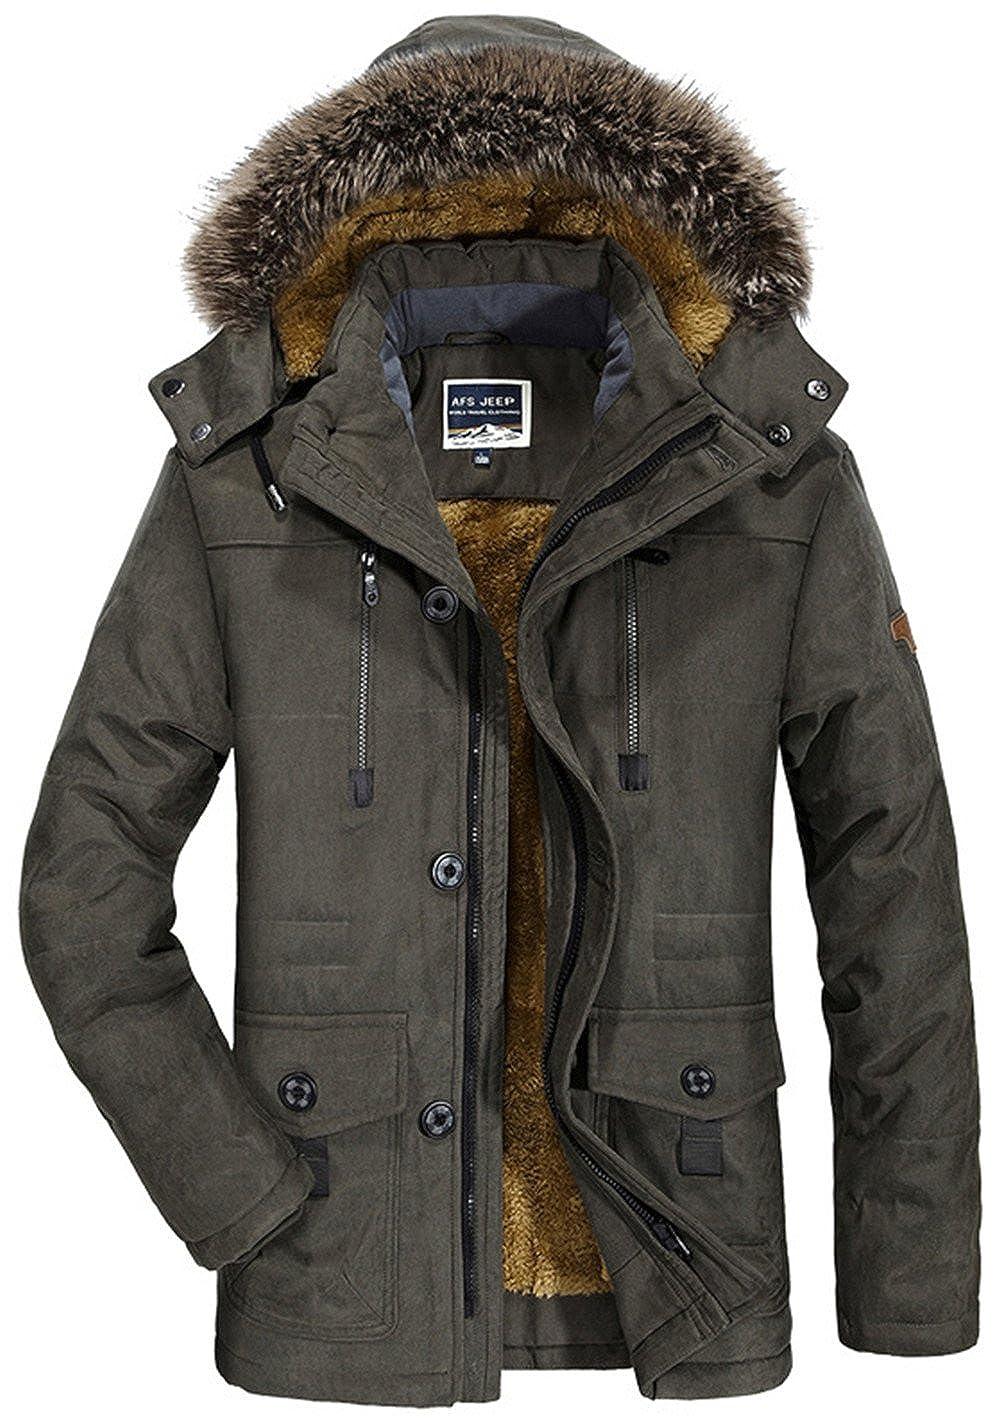 moxishop Hommes Winter Épaissé Warm Military Rembourré Coat Down Jacket Vêtements à Capuche en Fourrure Cotton Parka (Capot Amovible) XS-4XL F7176-kaki